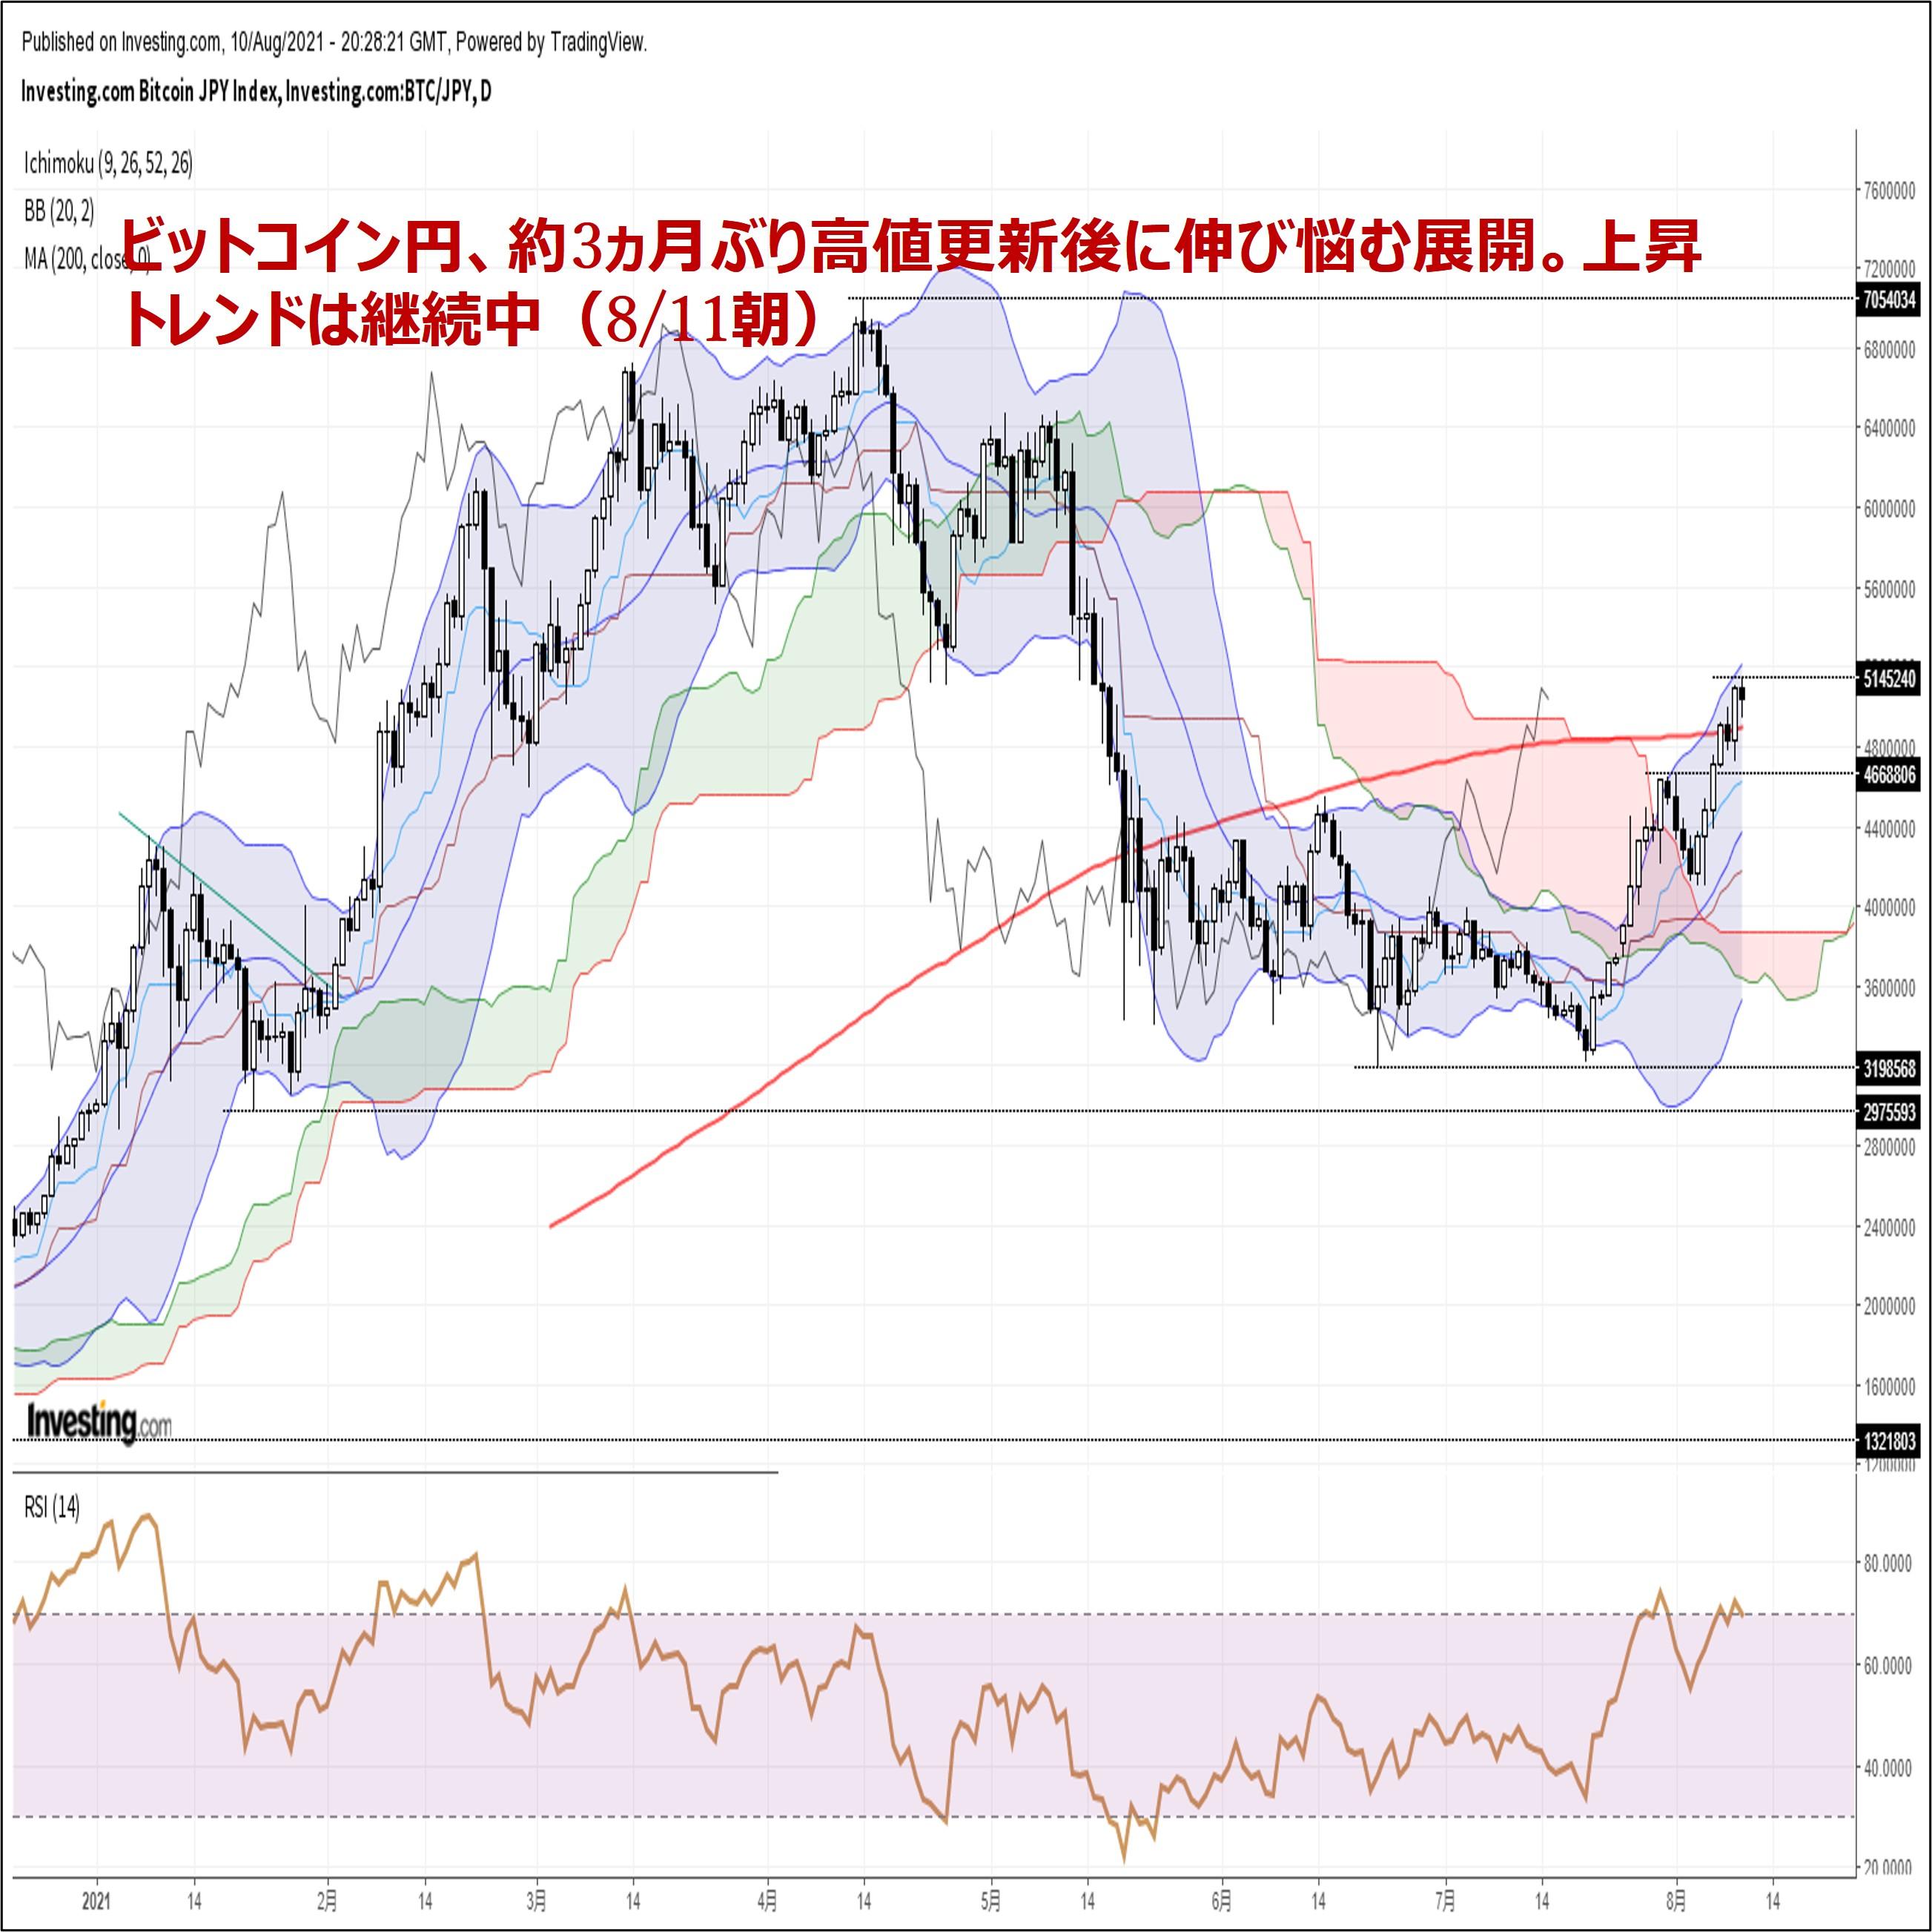 ビットコイン円、約3ヵ月ぶり高値更新後に伸び悩む展開。上昇トレンドは継続中(8/11朝)